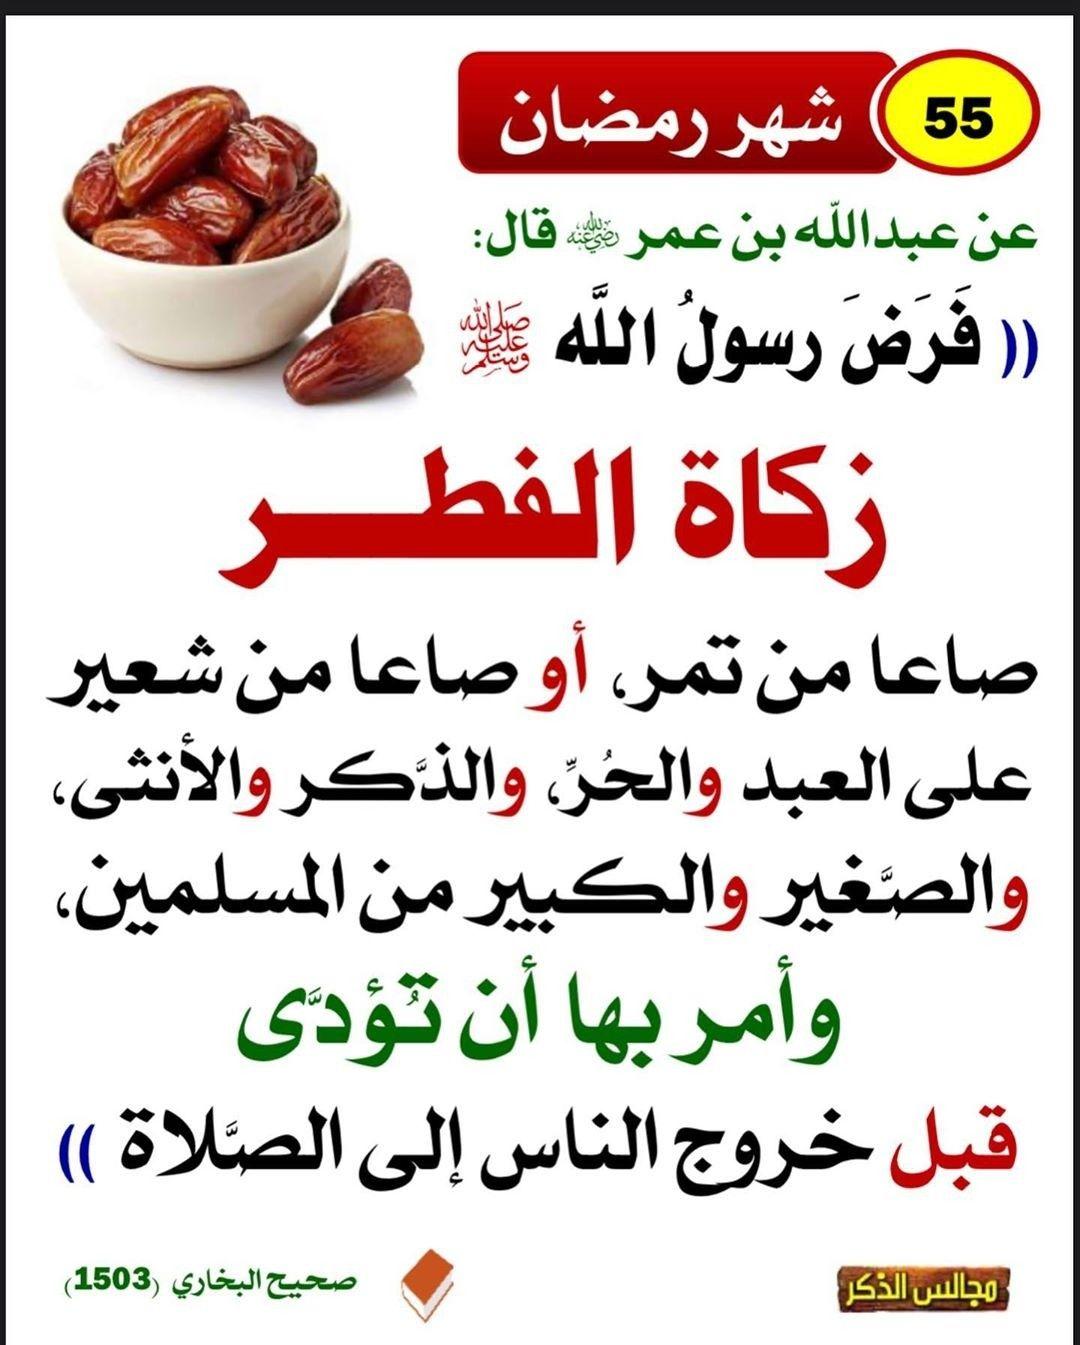 Pin By عبق الورد On أحاديث نبوية ١ In 2020 Islam Facts Ahadith Ramadan